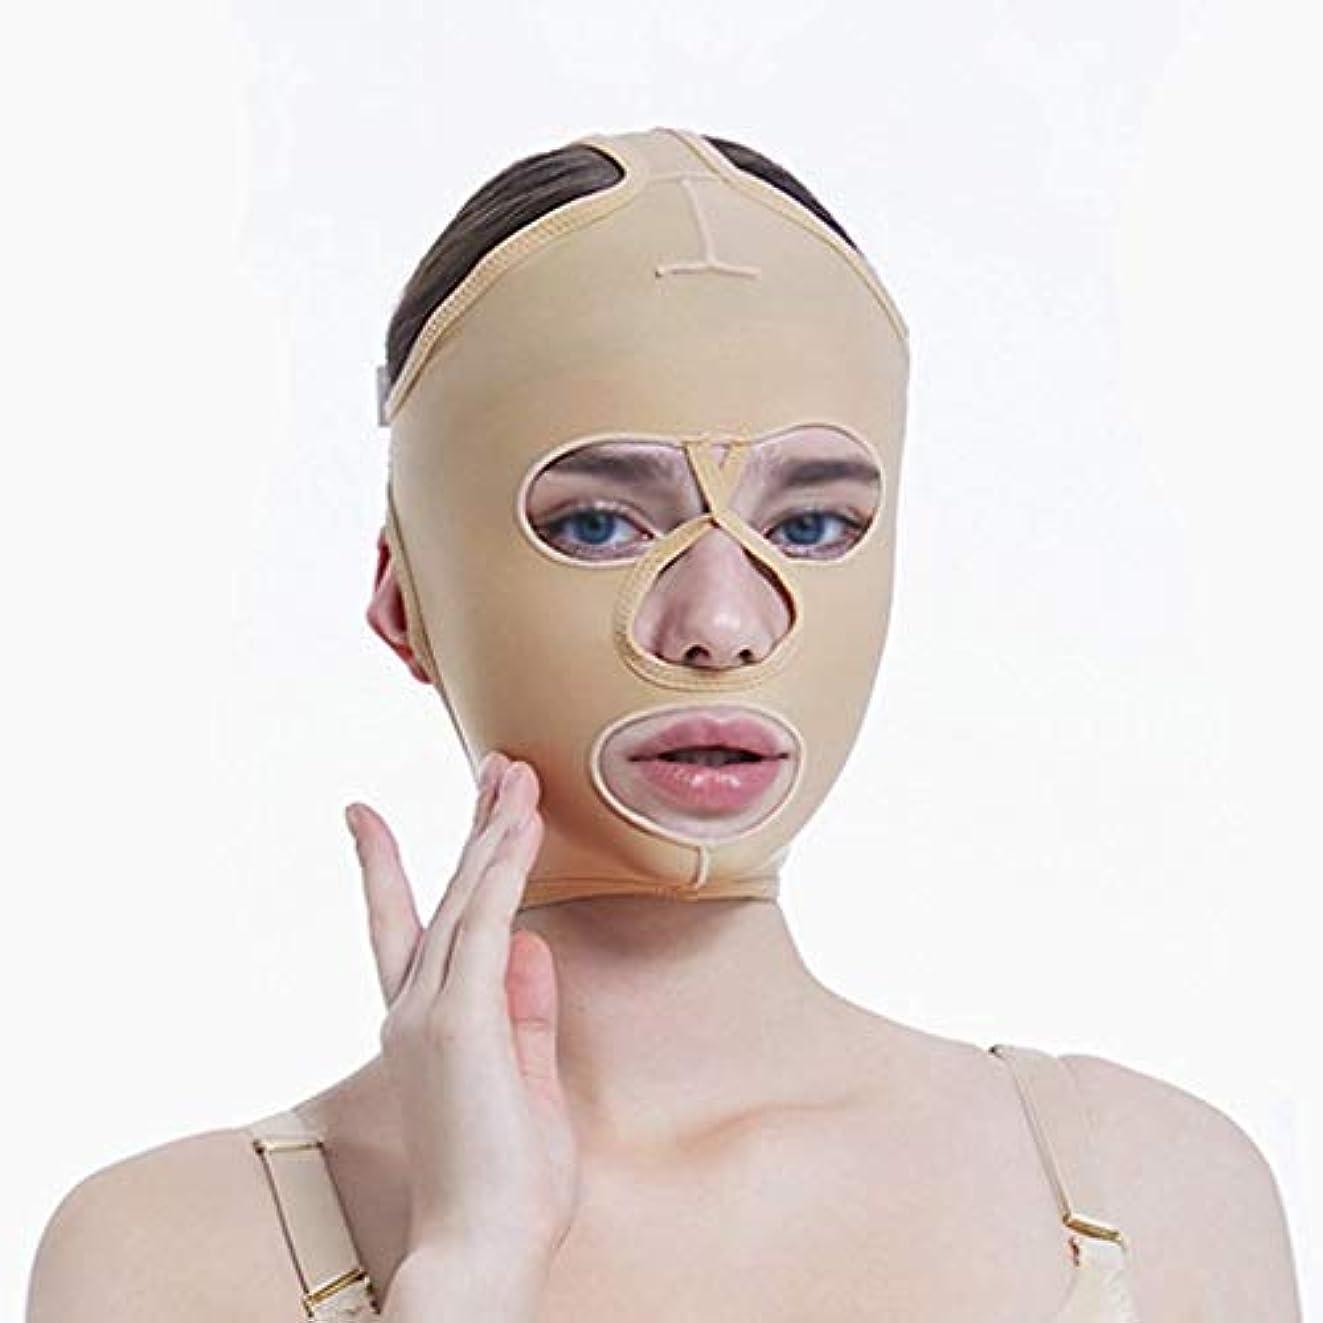 水差し先かみそりチンリフティングベルト、超薄型ベルト、引き締めマスク、包帯吊り、フェイスリフティングマスク、超薄型ベルト、通気性(サイズ:L),XL